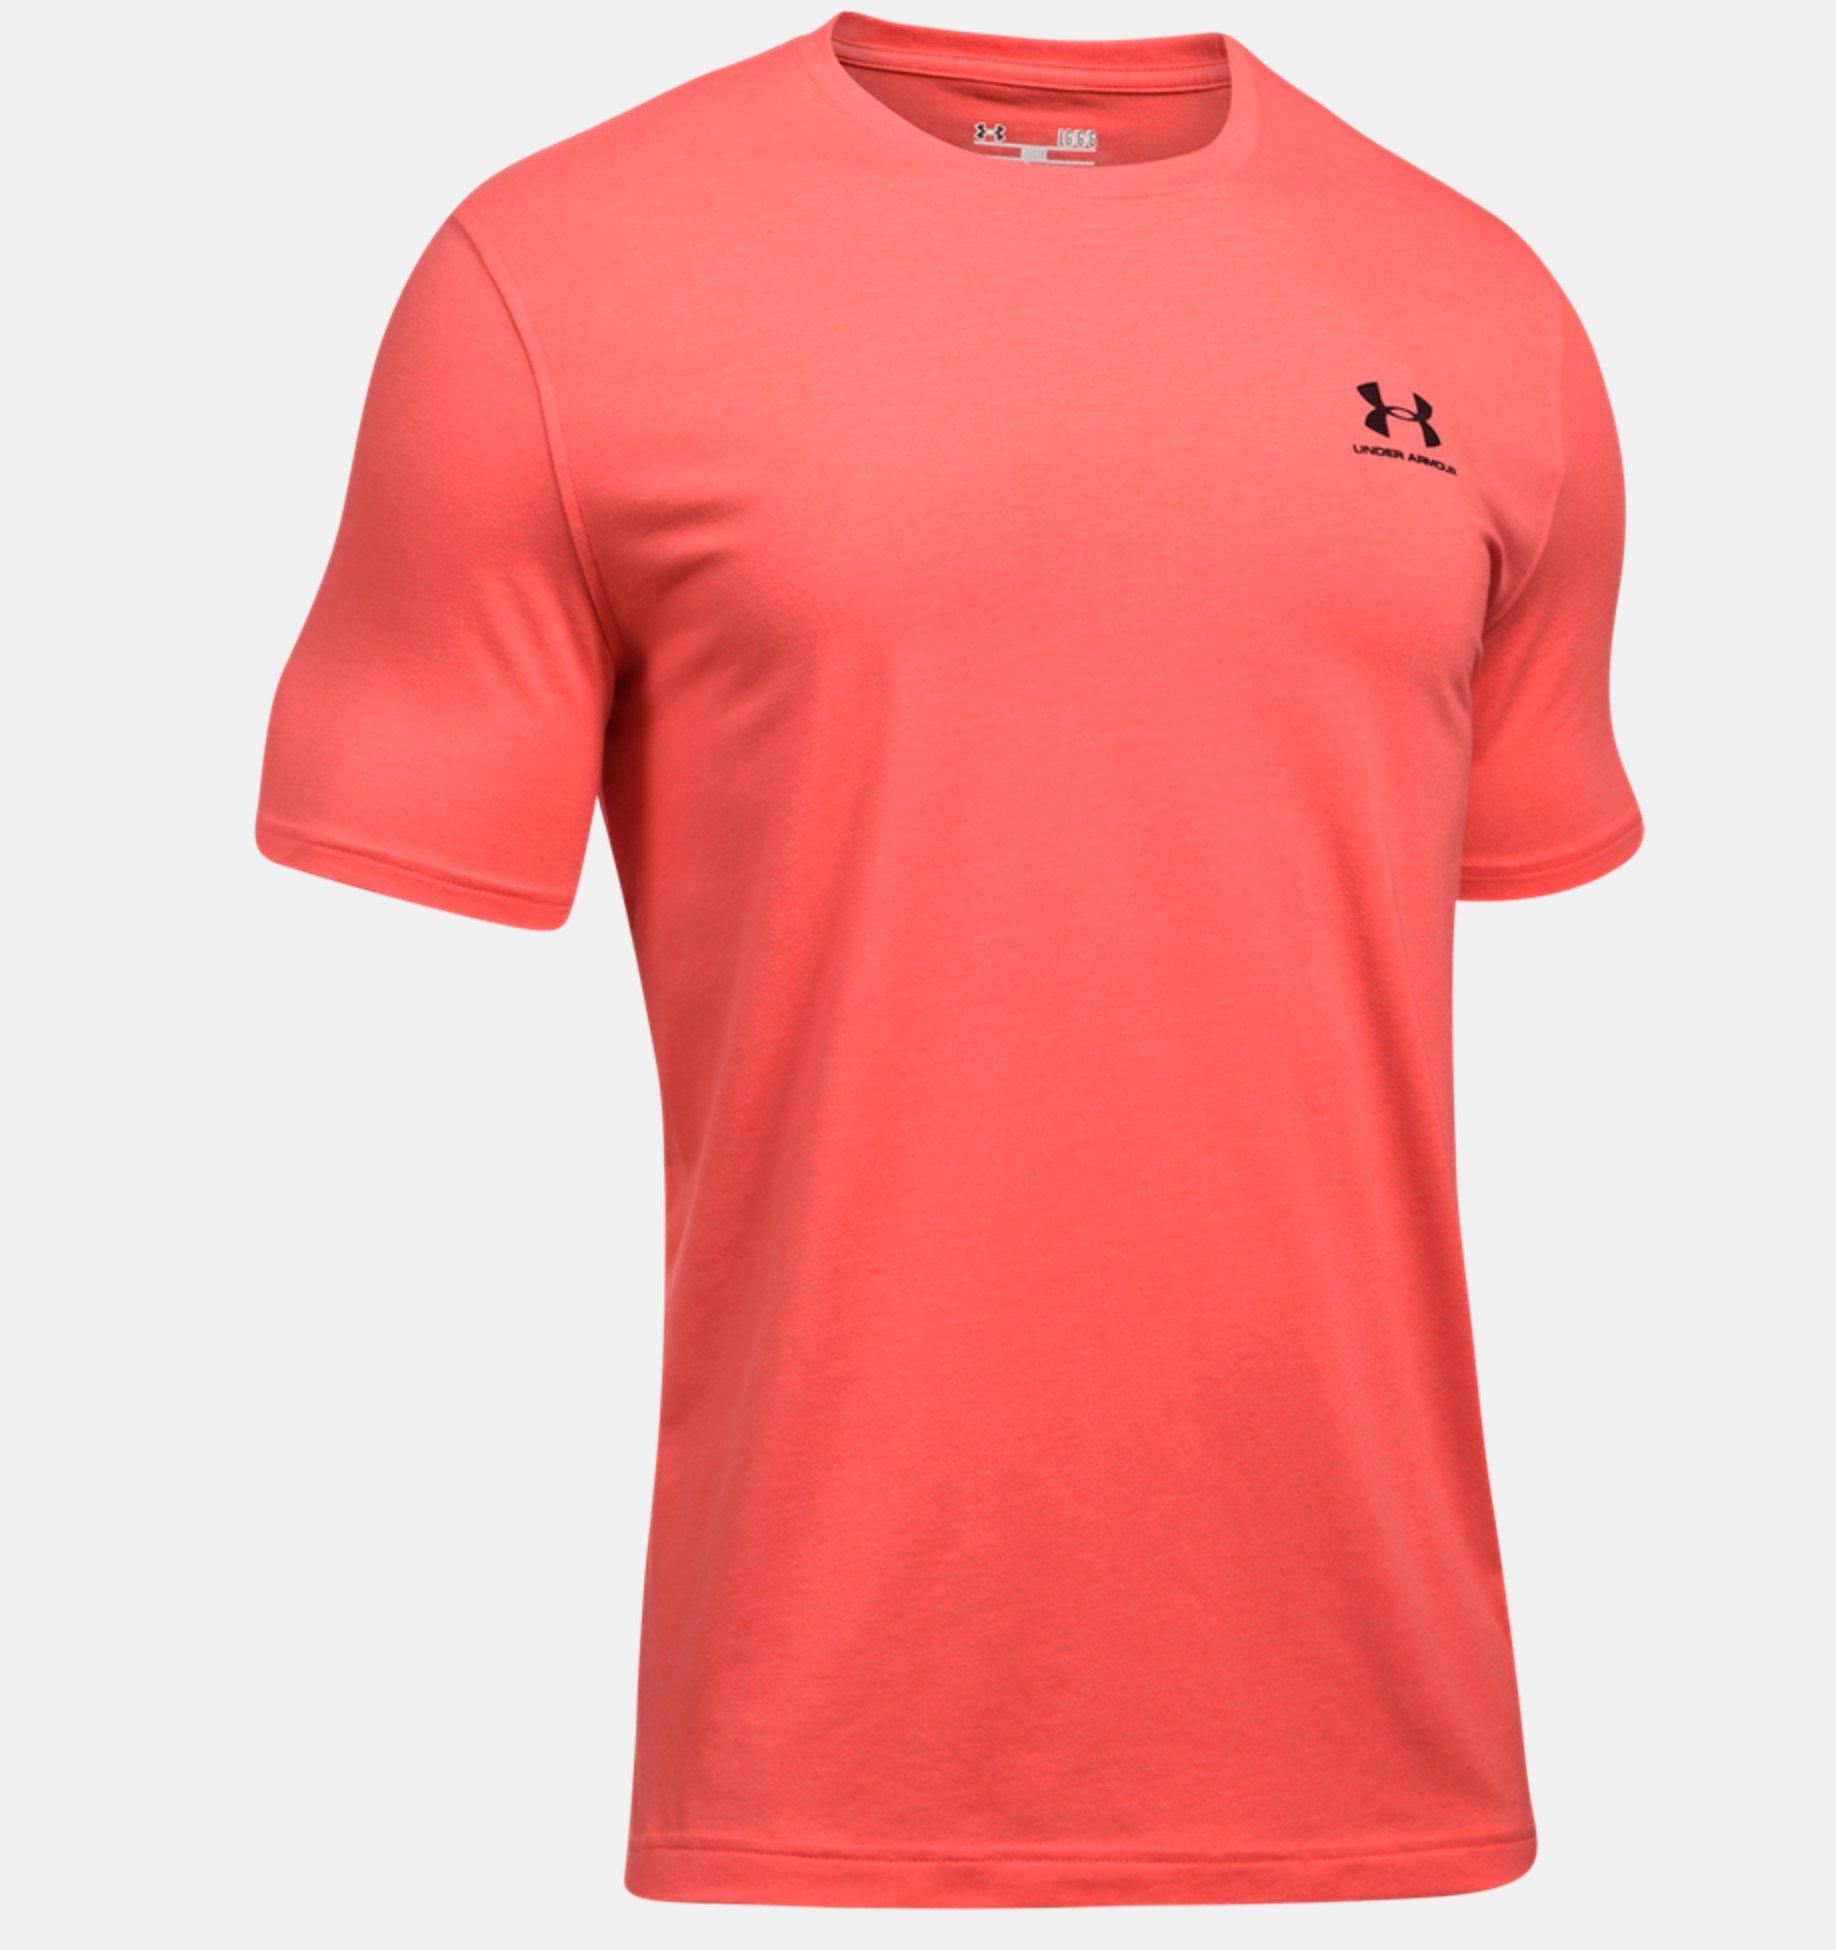 Under Armour - Camiseta UA Sportstyle con logotipo a la izquierda del pecho para  hombre - f025838c6145f